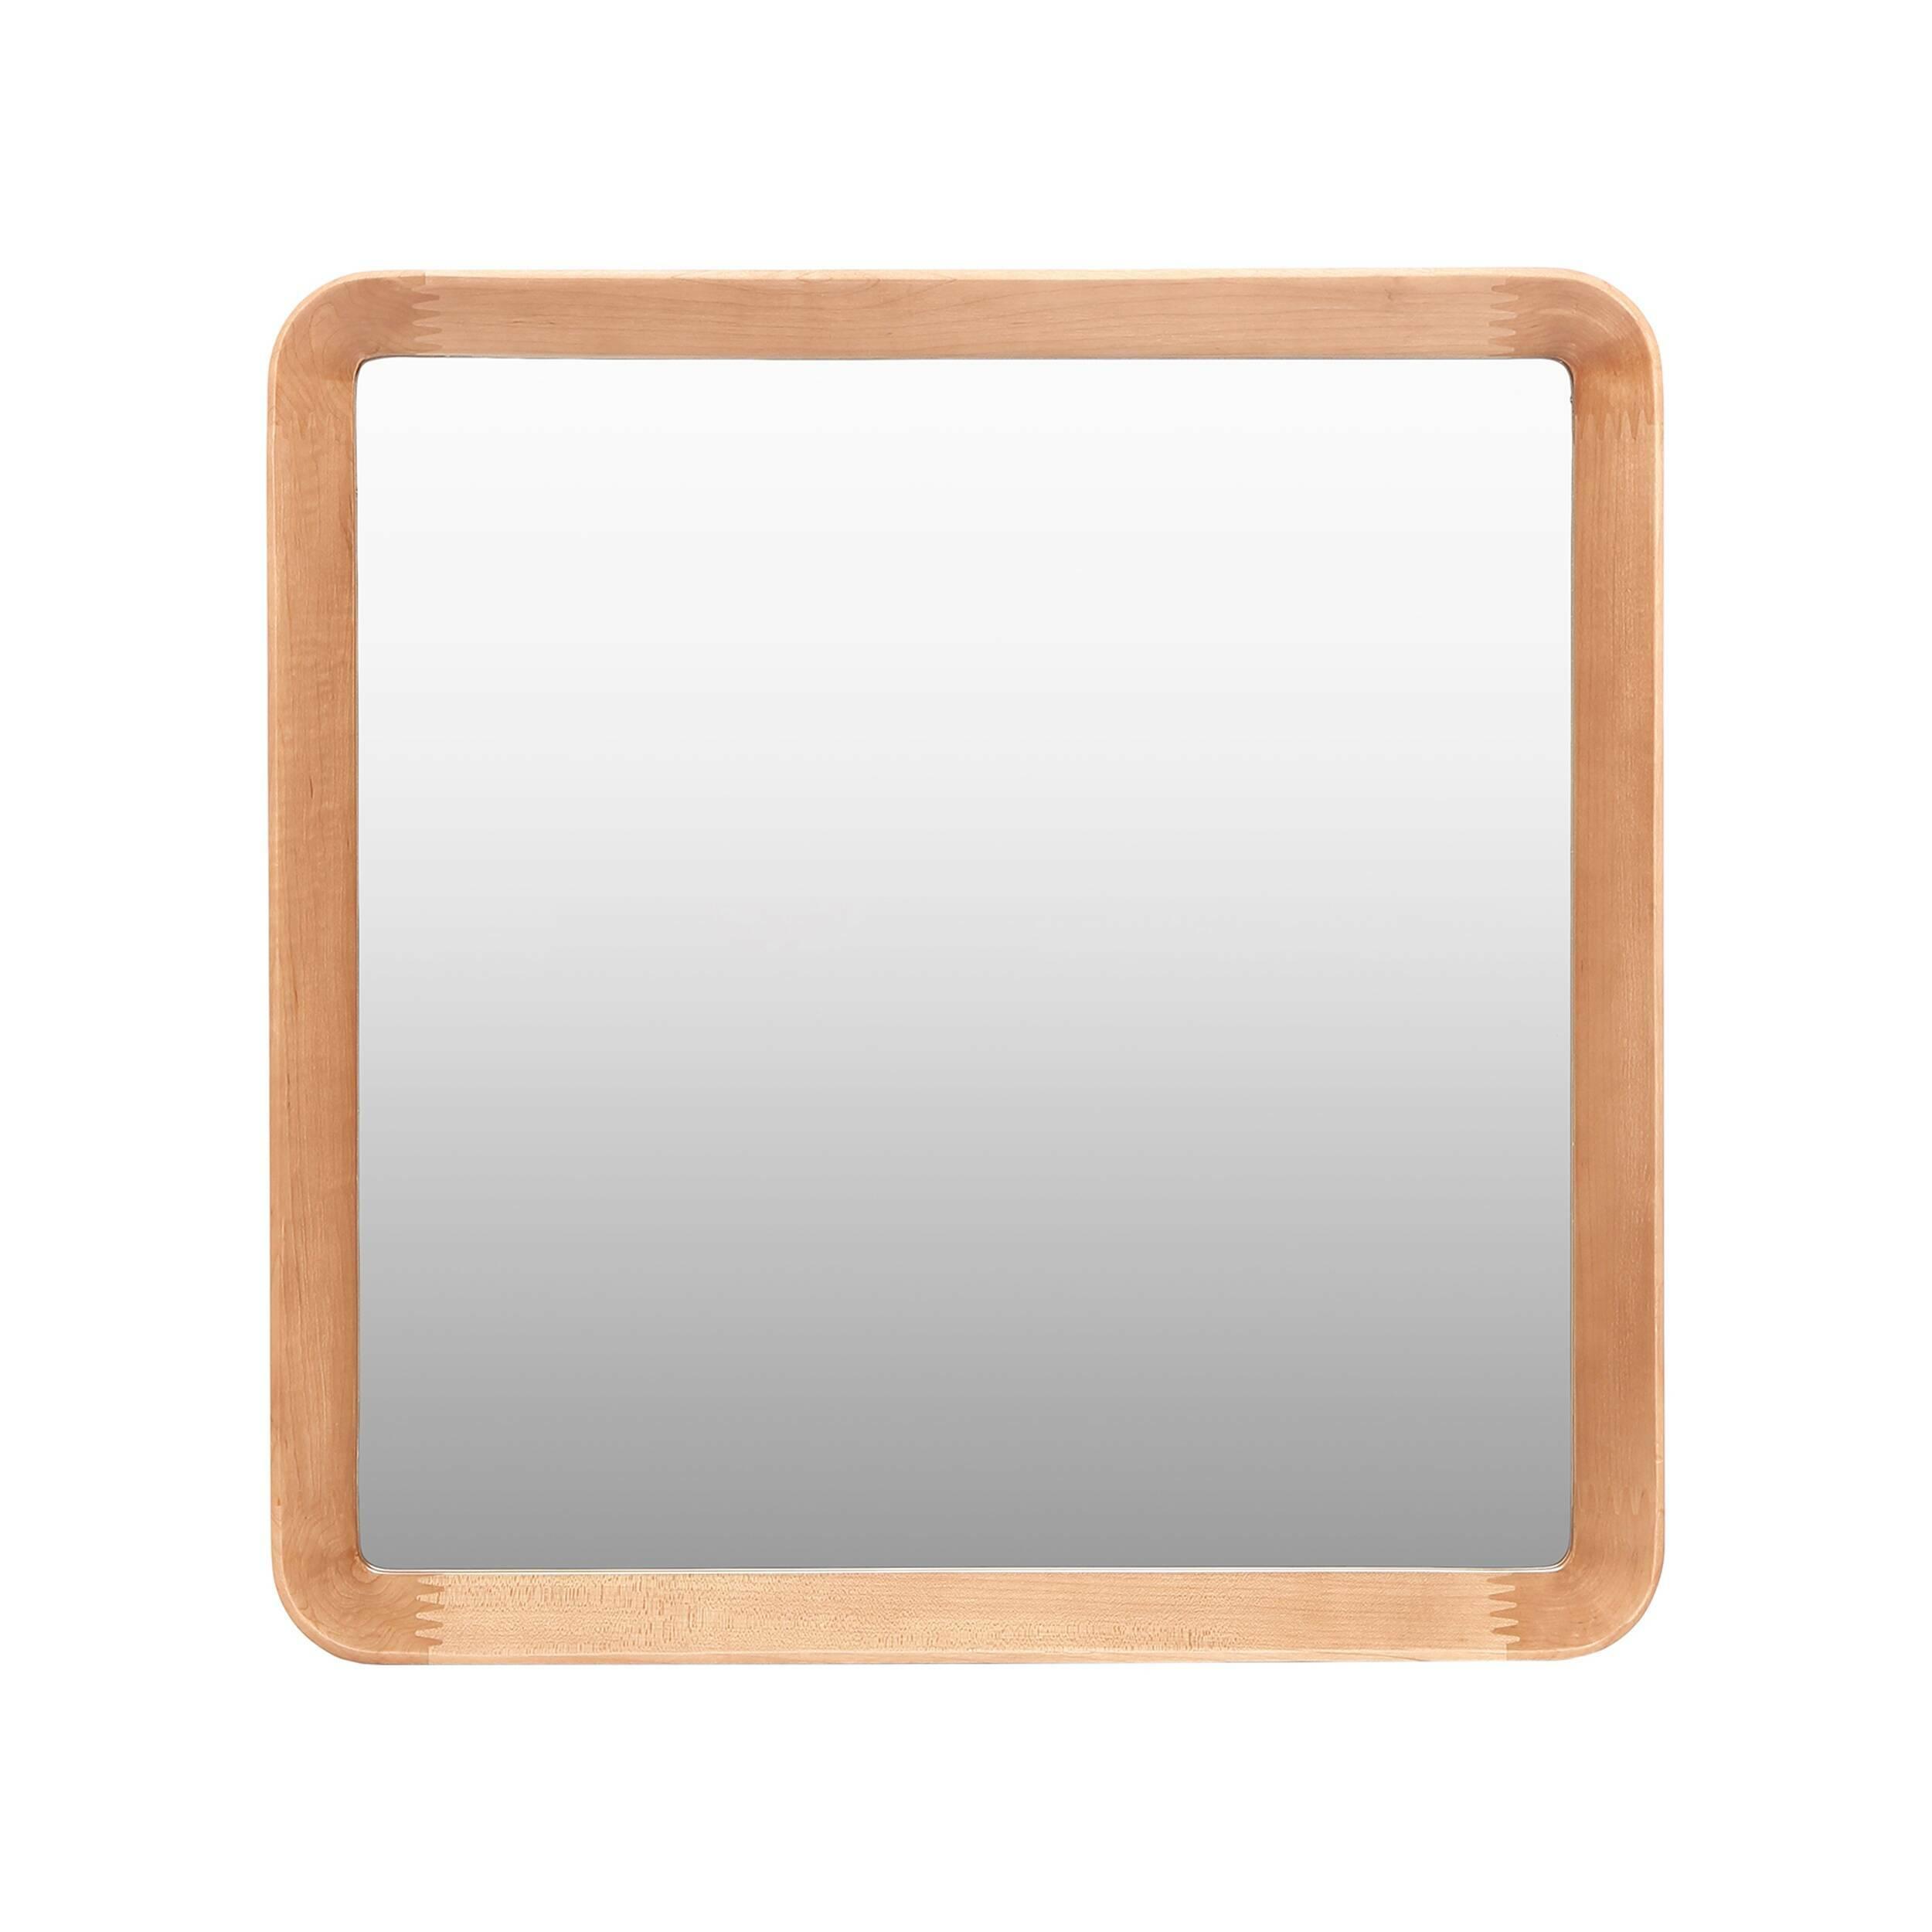 Настенное зеркало Velodrome квадратноеНастенные<br>Дизайнер Шон Дикс знает толк в современном минималистичном интерьере. За годы своего становления как дизайнера Дикс разработал свой фирменный стиль, состоящий из мотивов нескольких стилей в интерьере — эко и хай-тек. Если взглянуть хотя бы на несколько его работ, то впредь распознать авторский почерк будет несложно. Экоматериалы, сглаженные линии, натуральная текстура дерева — это постоянные атрибуты мебели и декора от Дикса. Мебель Шона Дикса минималистична и интеллектуальна, прекрасно обраб...<br><br>stock: 3<br>Высота: 60<br>Ширина: 60<br>Материал: Дуб белый